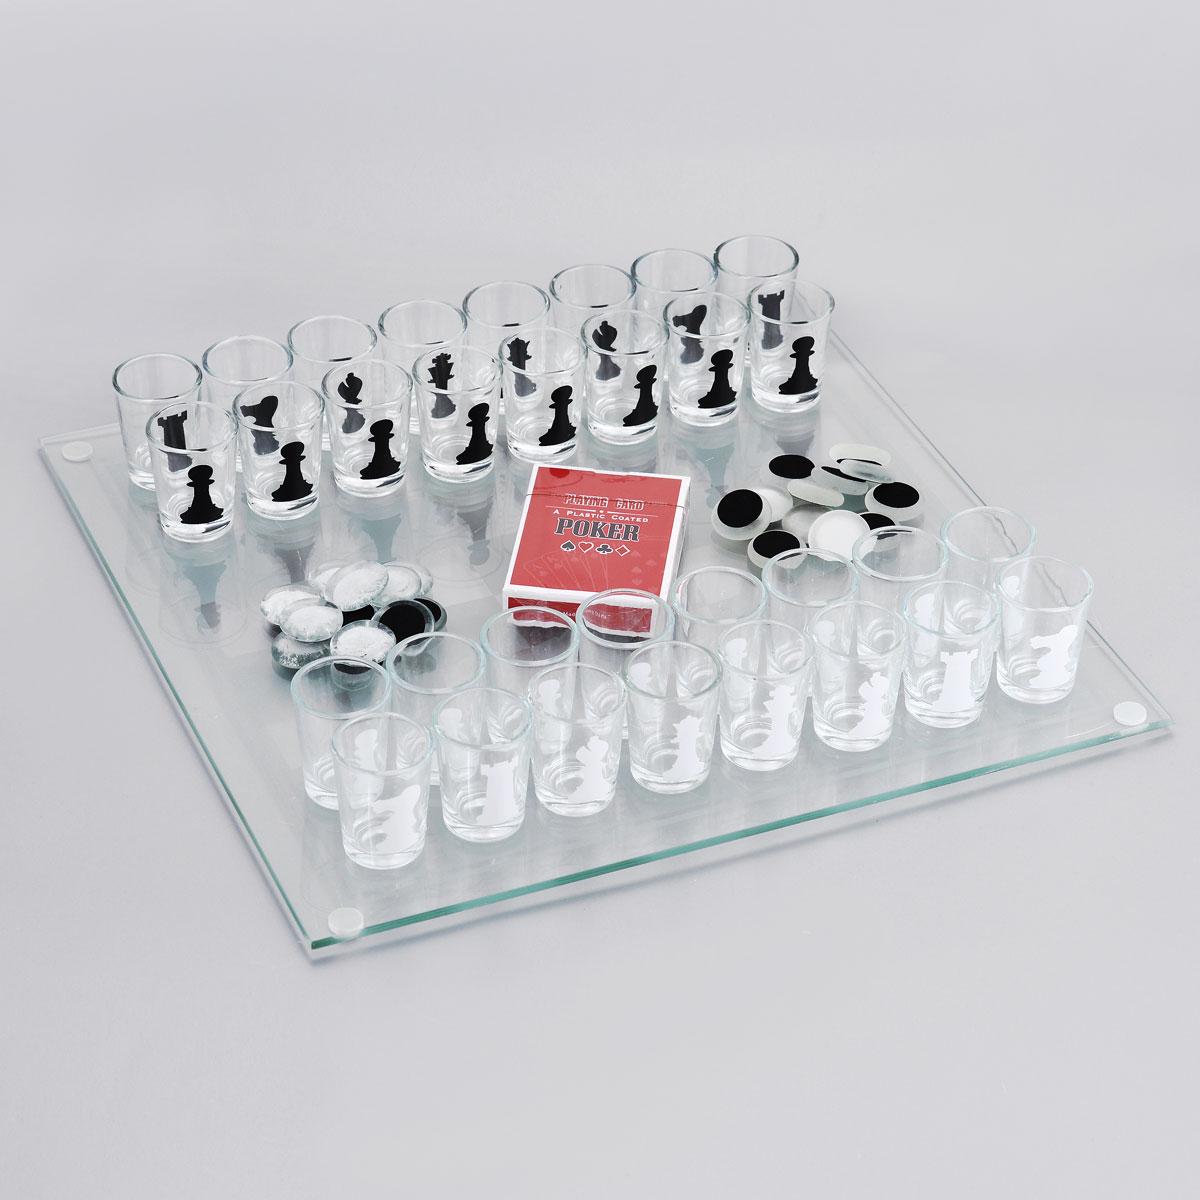 Игровой набор Эврика: карты, шашки, шахматыVT-1520(SR)Шахматы - классическая игра не для слабых умов, а пьяные шахматы - еще и для неслабых духом людей. Ведь это уже не классическое, а весьма оригинальное развлечение - фигурами в нем выступают рюмки. Можно наполнить их предпочтительными напитками и устроить двойное соревнование: на интеллект и на выносливость. Соперники наполняют стопки горячительным напитком, и как только не удалось сберечь очередную фигуру, придется выпить содержимое рюмки с её изображением. Дополнительно в универсальный комплект входят стеклянная доска для шахмат, матовые и прозрачные фишки небольшого размера для игры в шашки и карты для покера. Разнообразьте свои праздники, сделав их как минимум раза в три веселее с игровым набором Эврика, а также подарите такую возможность близким. Размер игрового поля: 35 см х 35 см. Диаметр стопки (по верхнему краю): 3,5 см. Высота стопки: 4,7 см.